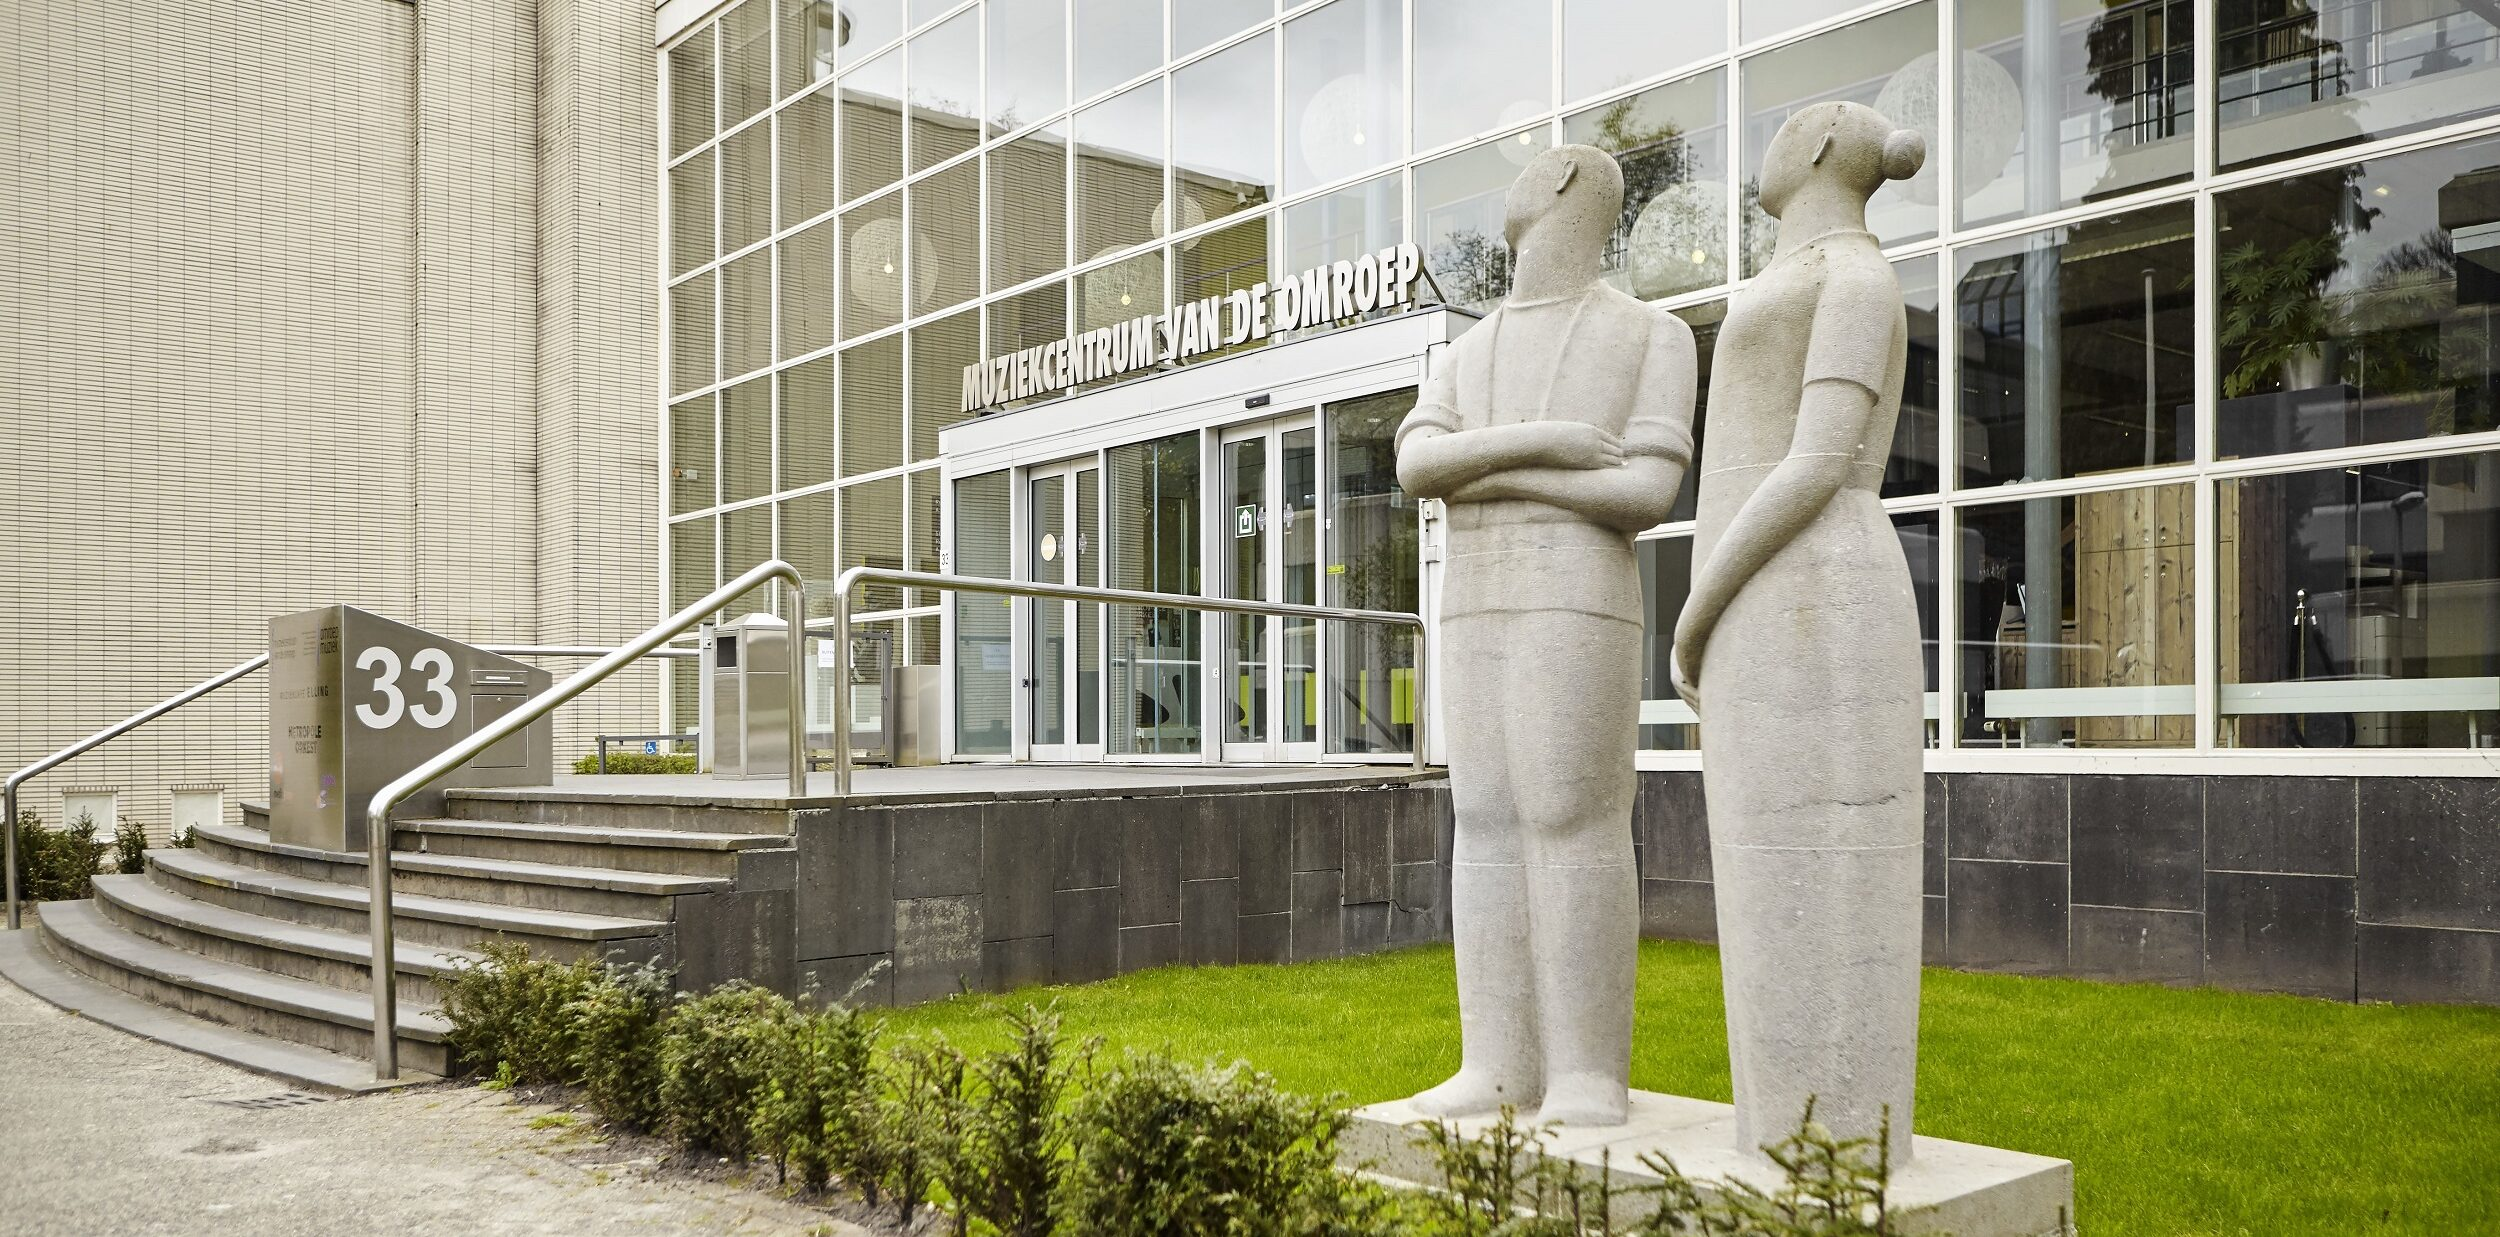 Ot en Sien voro het Muziekcentrum van de Omroep